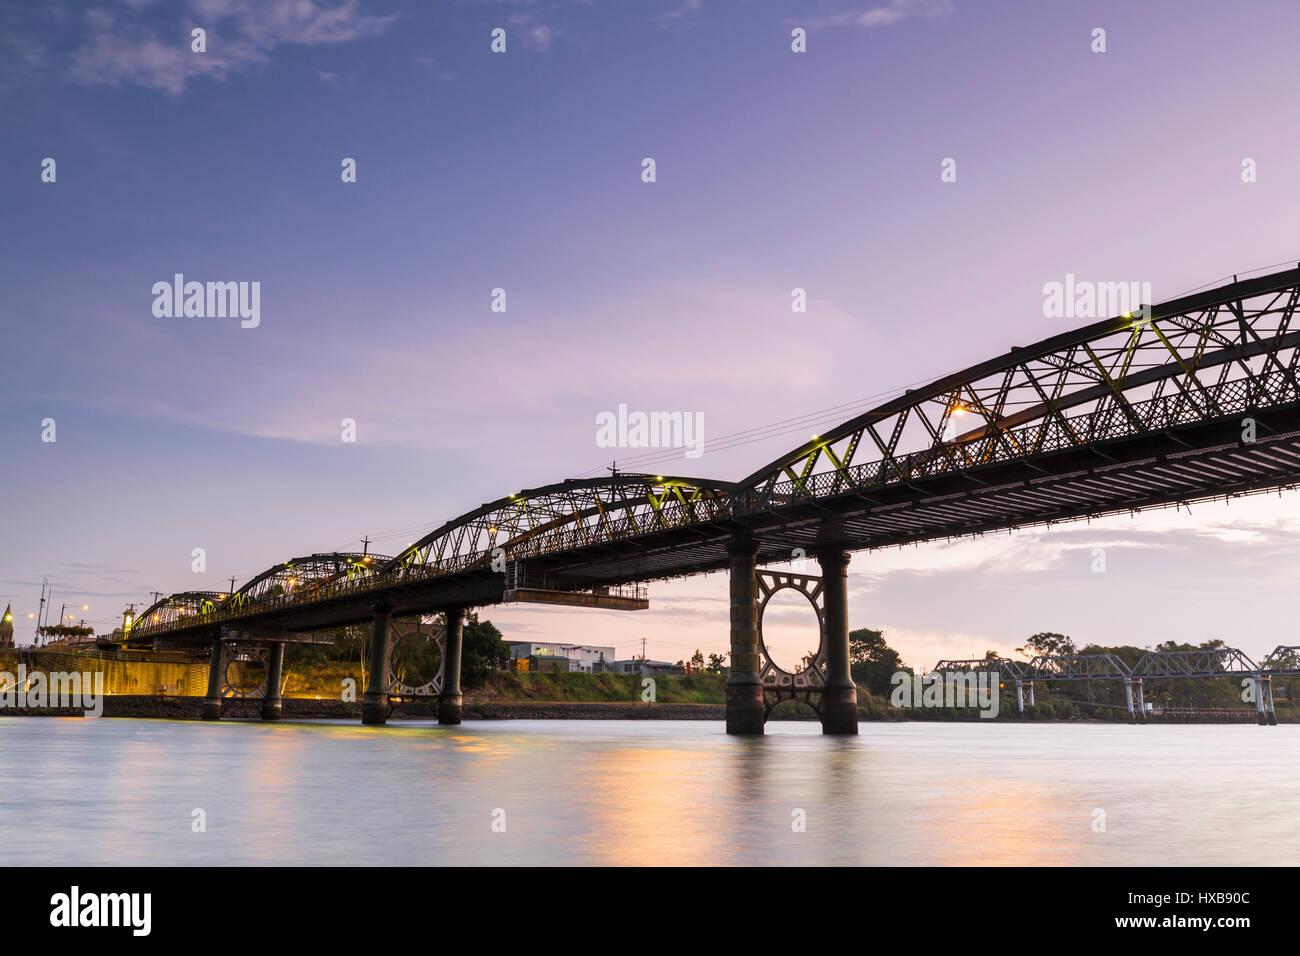 Die denkmalgeschützte Burnett Bridge in der Dämmerung.  Bundaberg, Queensland, Australien Stockbild